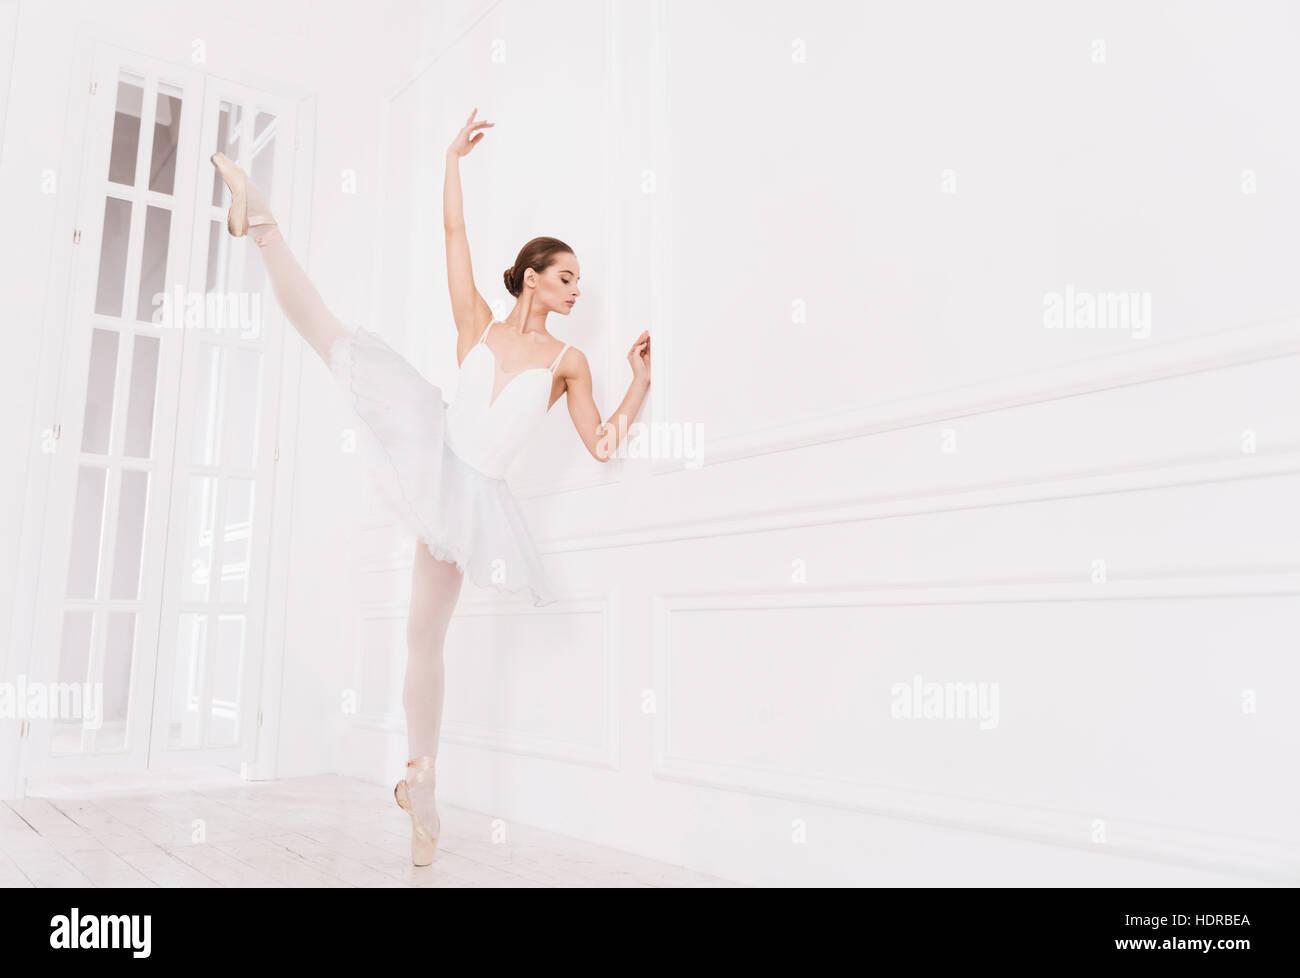 Elegant ballet dancer doing extension exercises - Stock Image